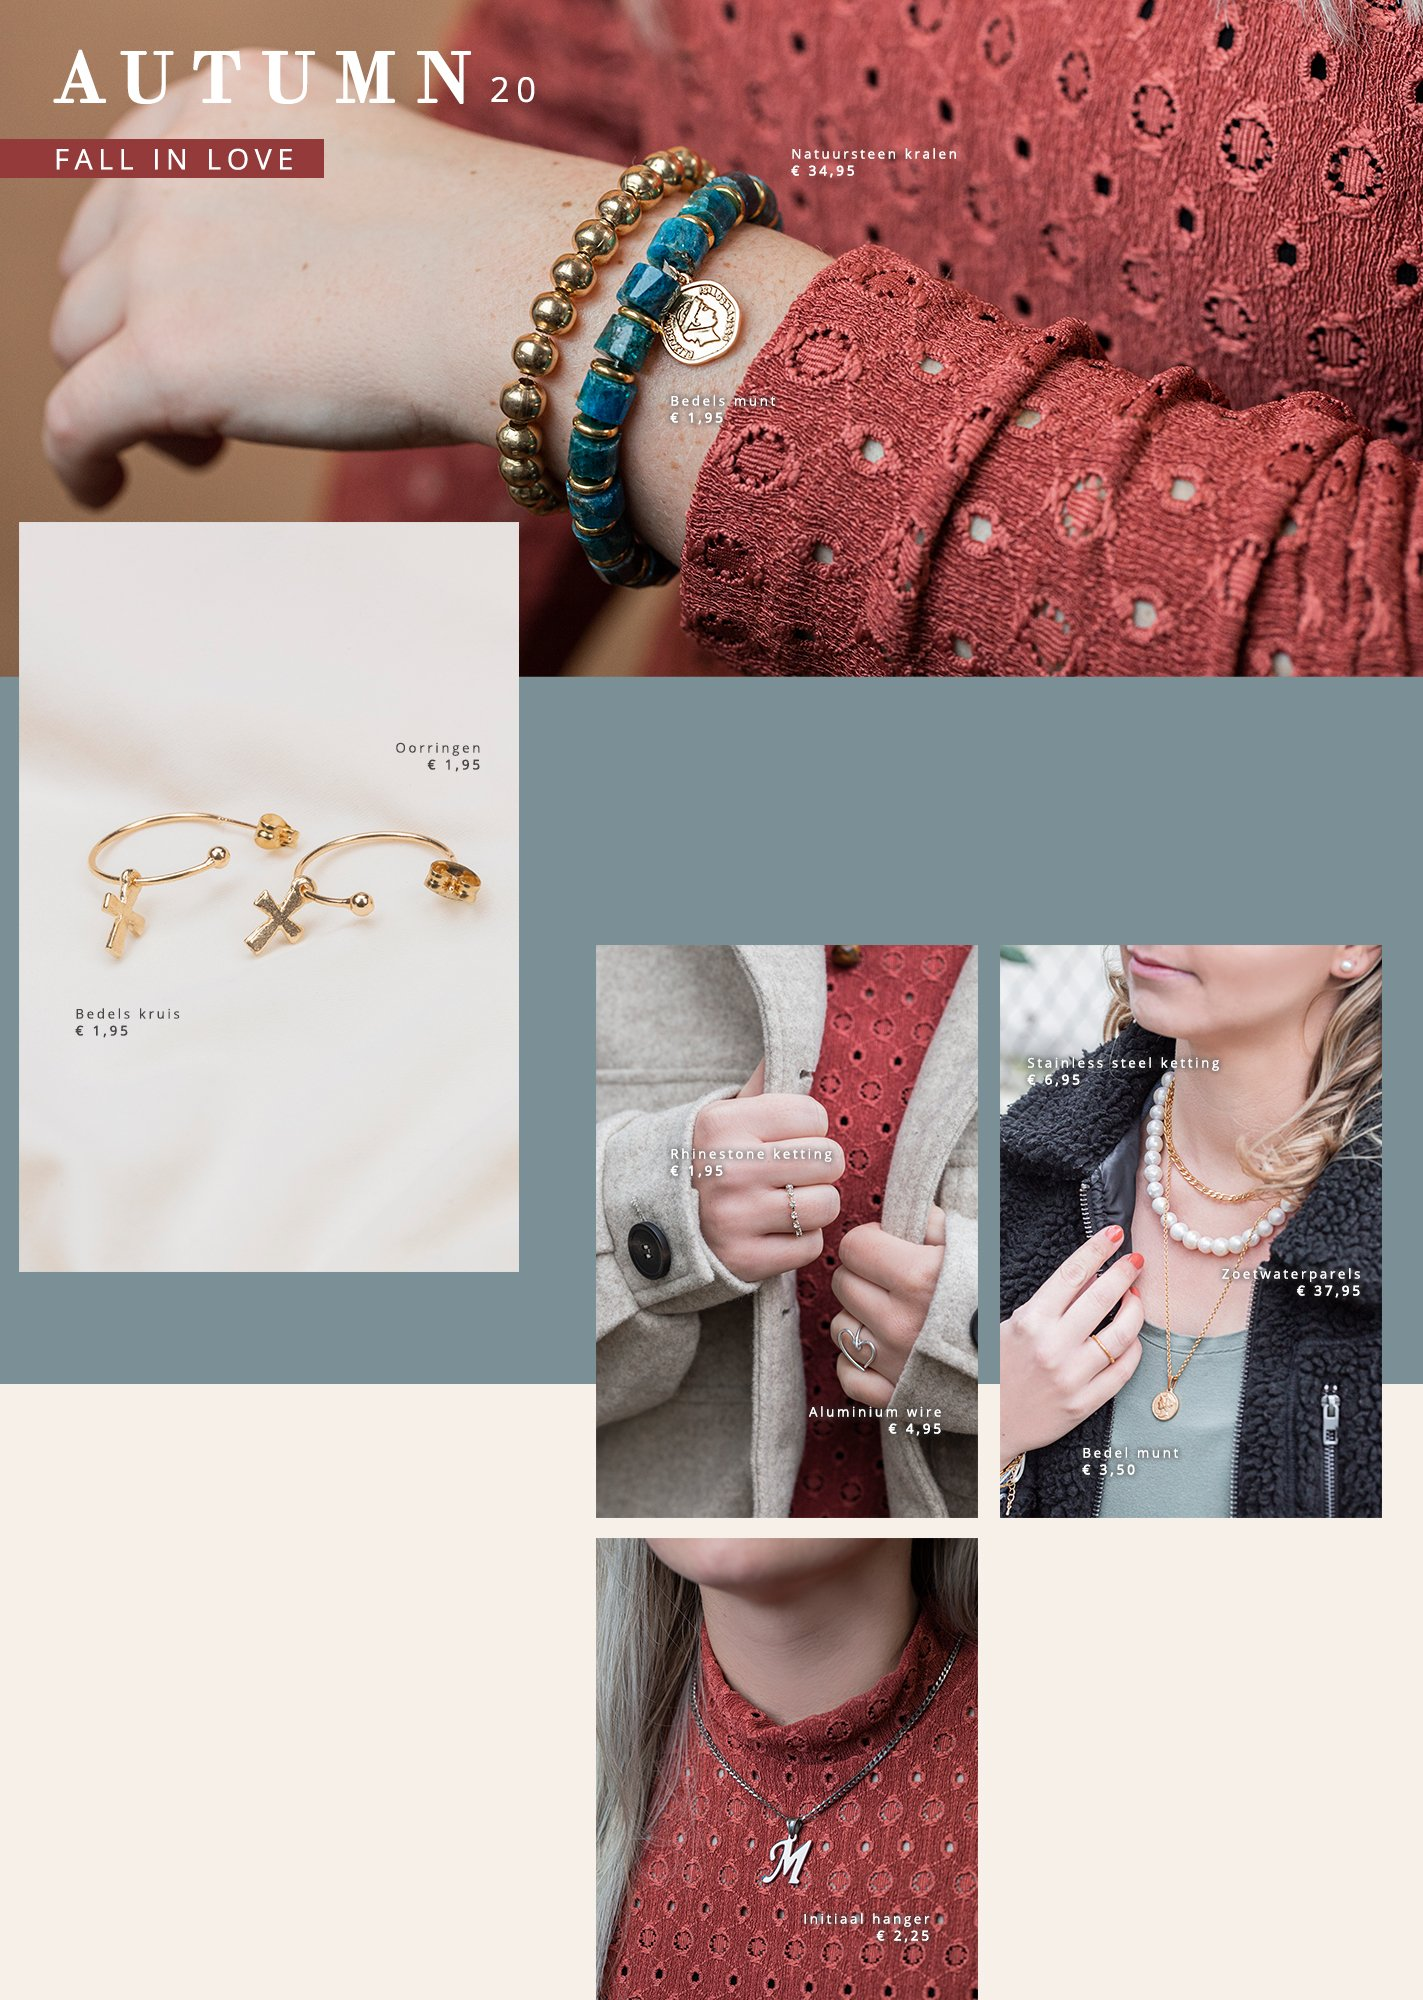 Gratis lookbook sieraden maken